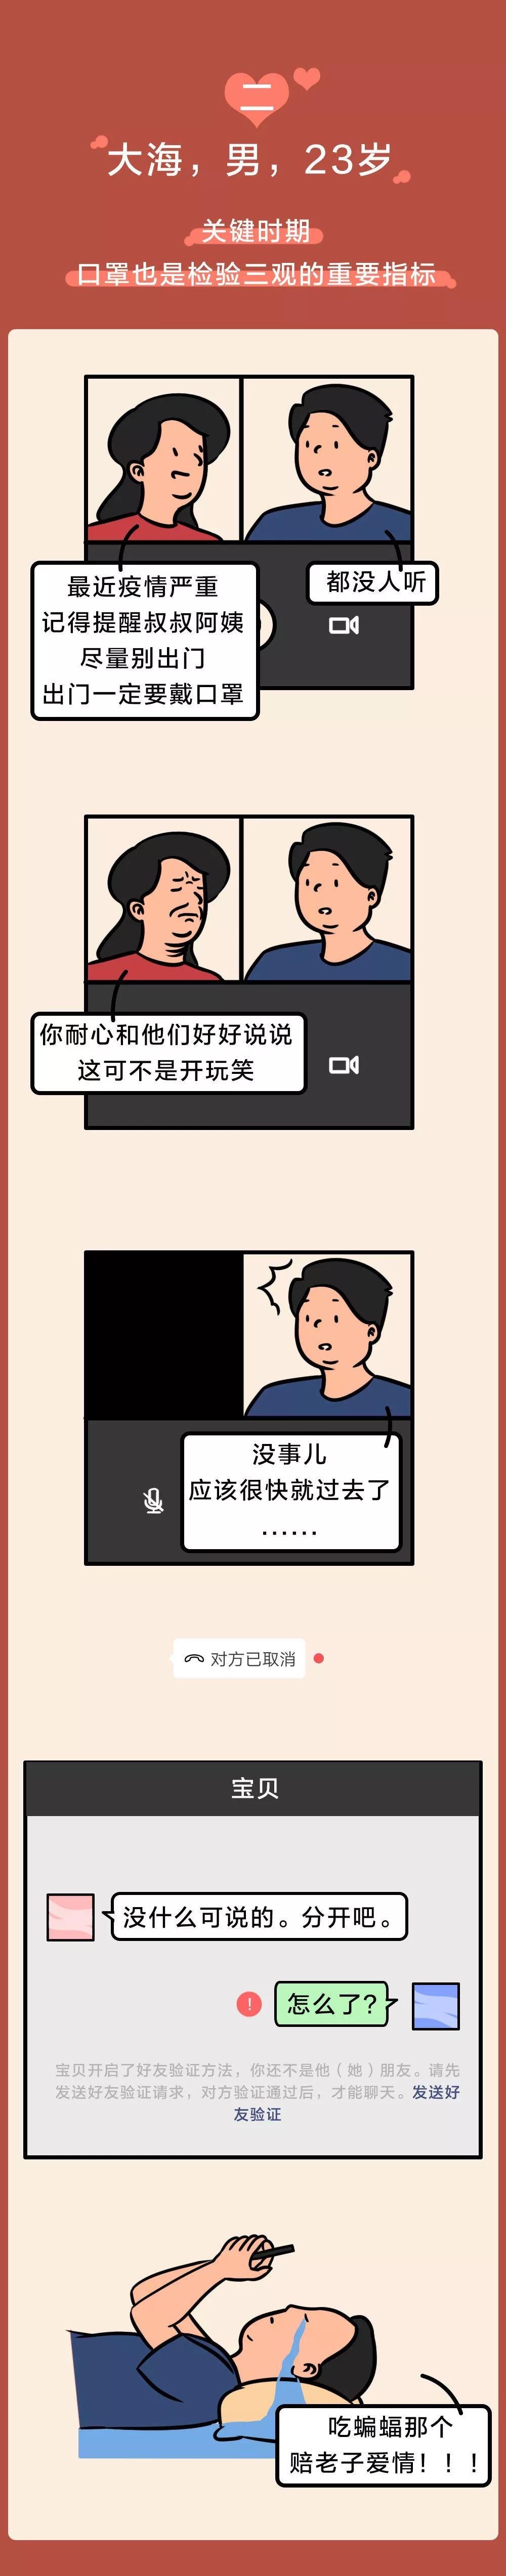 微信图片_20200214120356.jpg